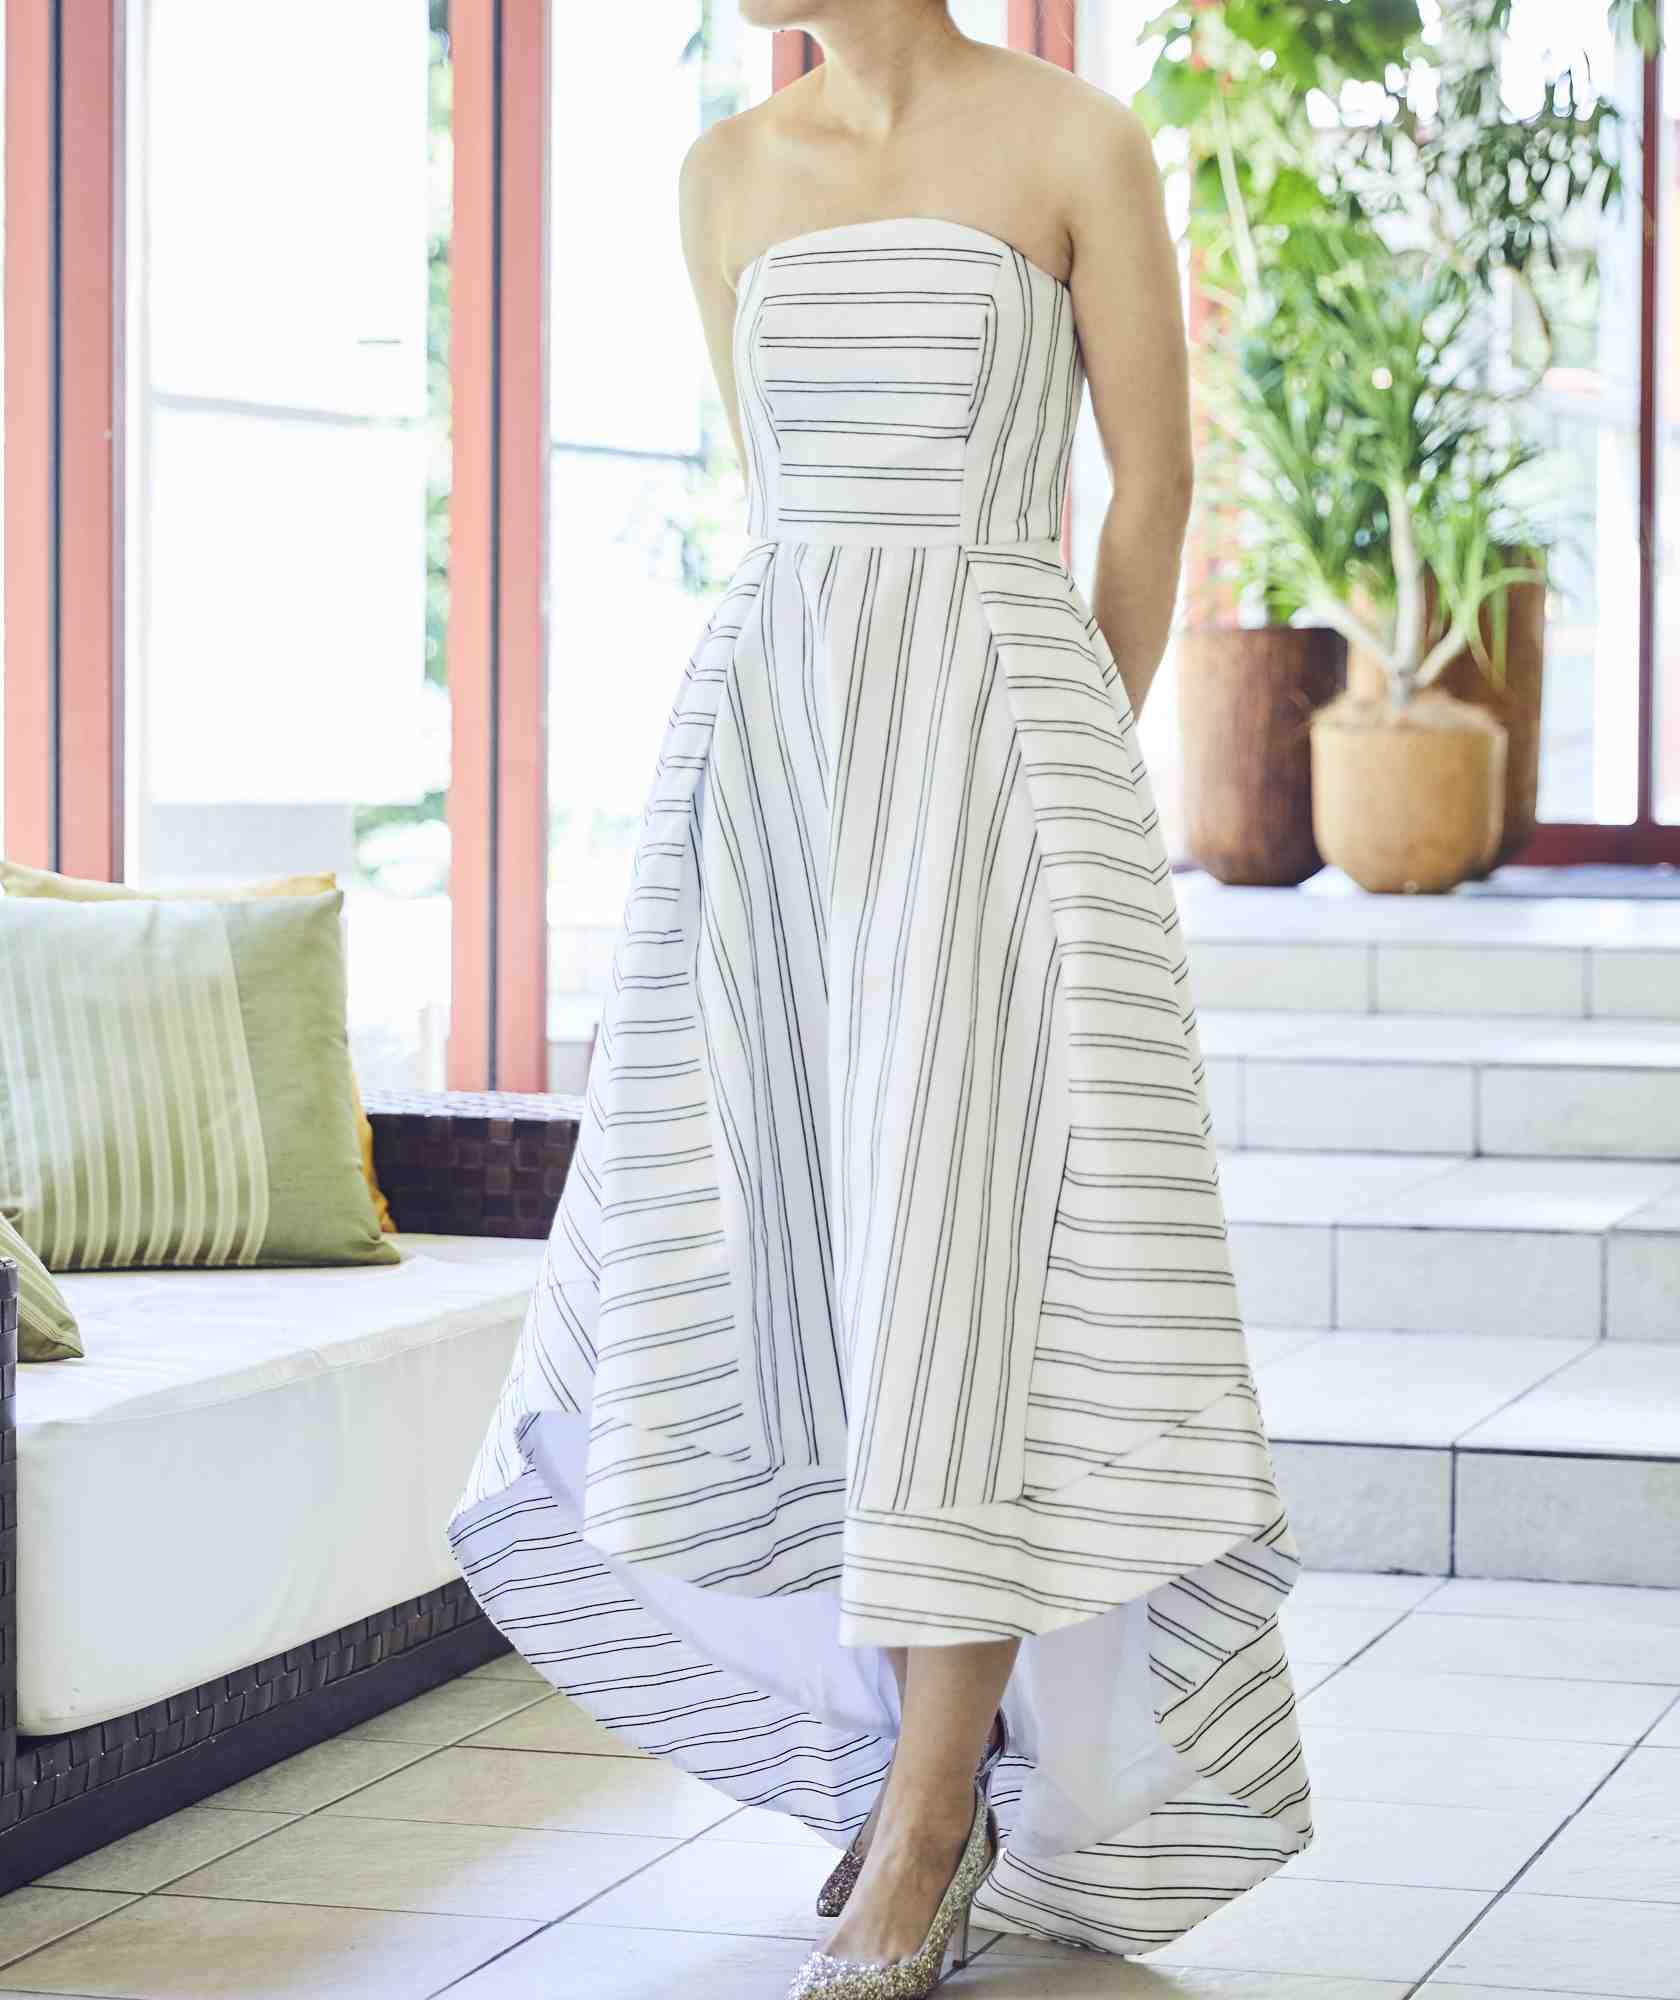 ボリュームラインカラーベアロングテールミディアムドレス-ホワイト-M